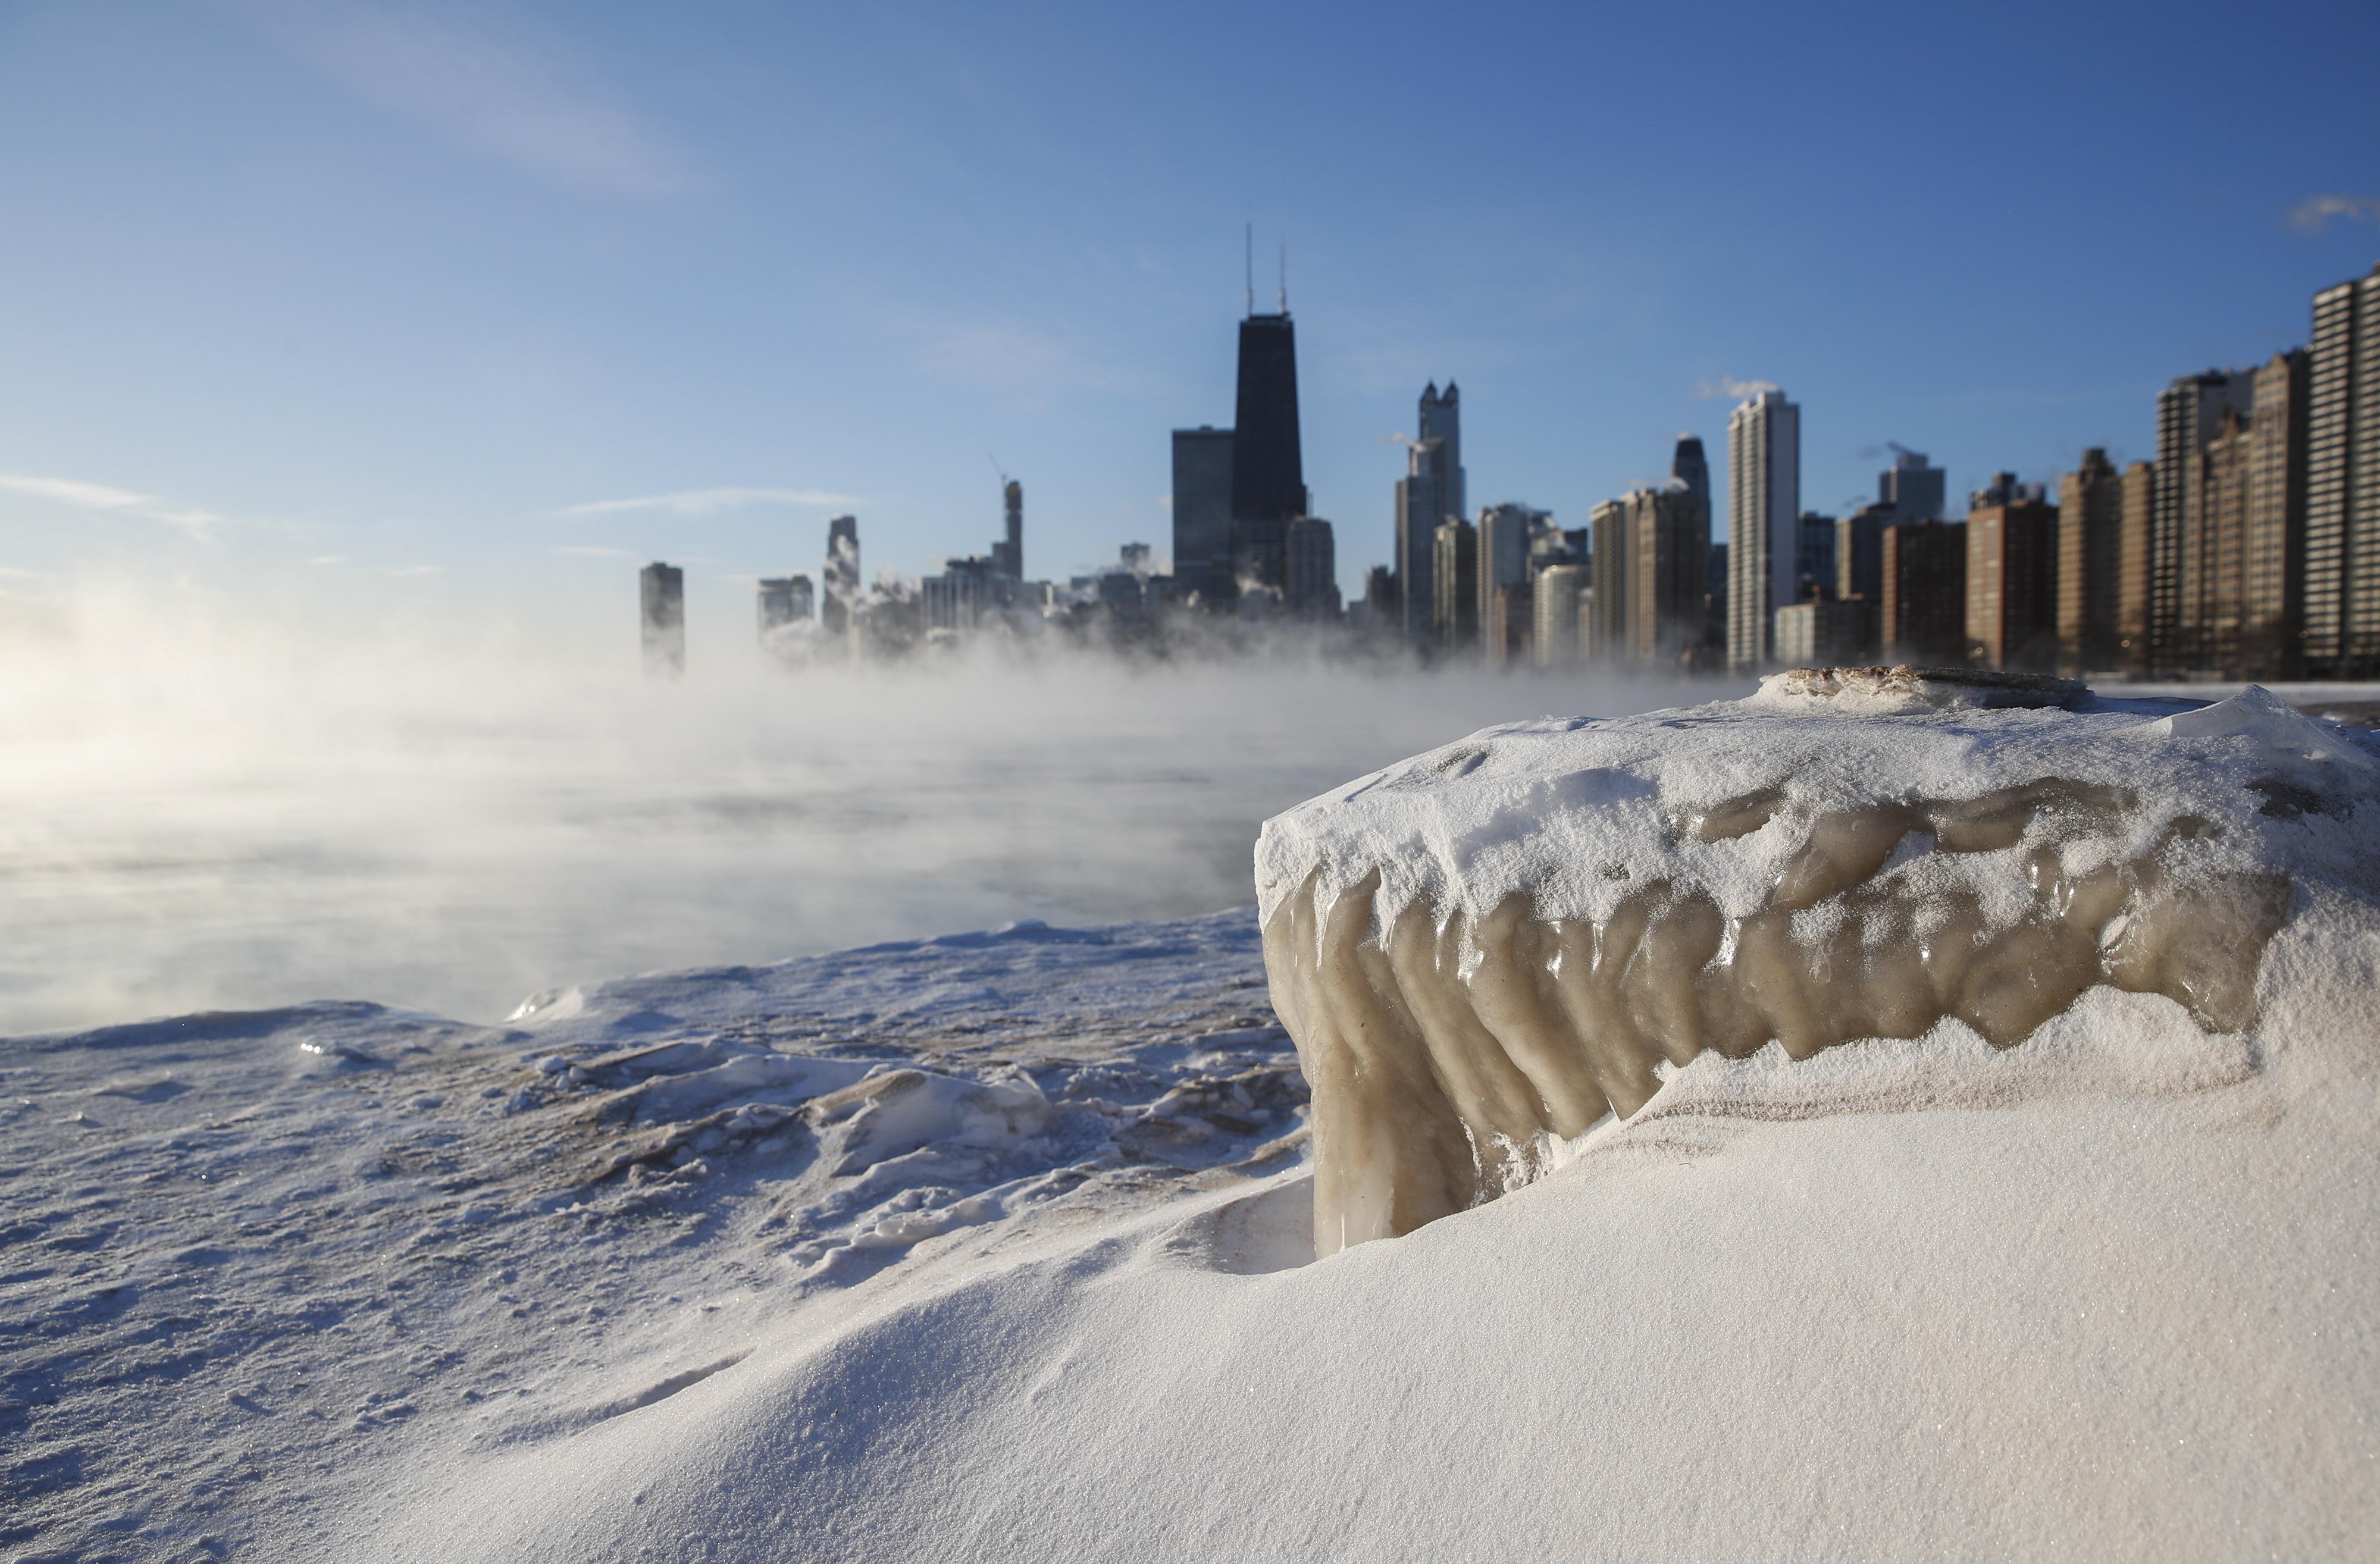 Katholieke dating Chicago betekenis van het woord hook up